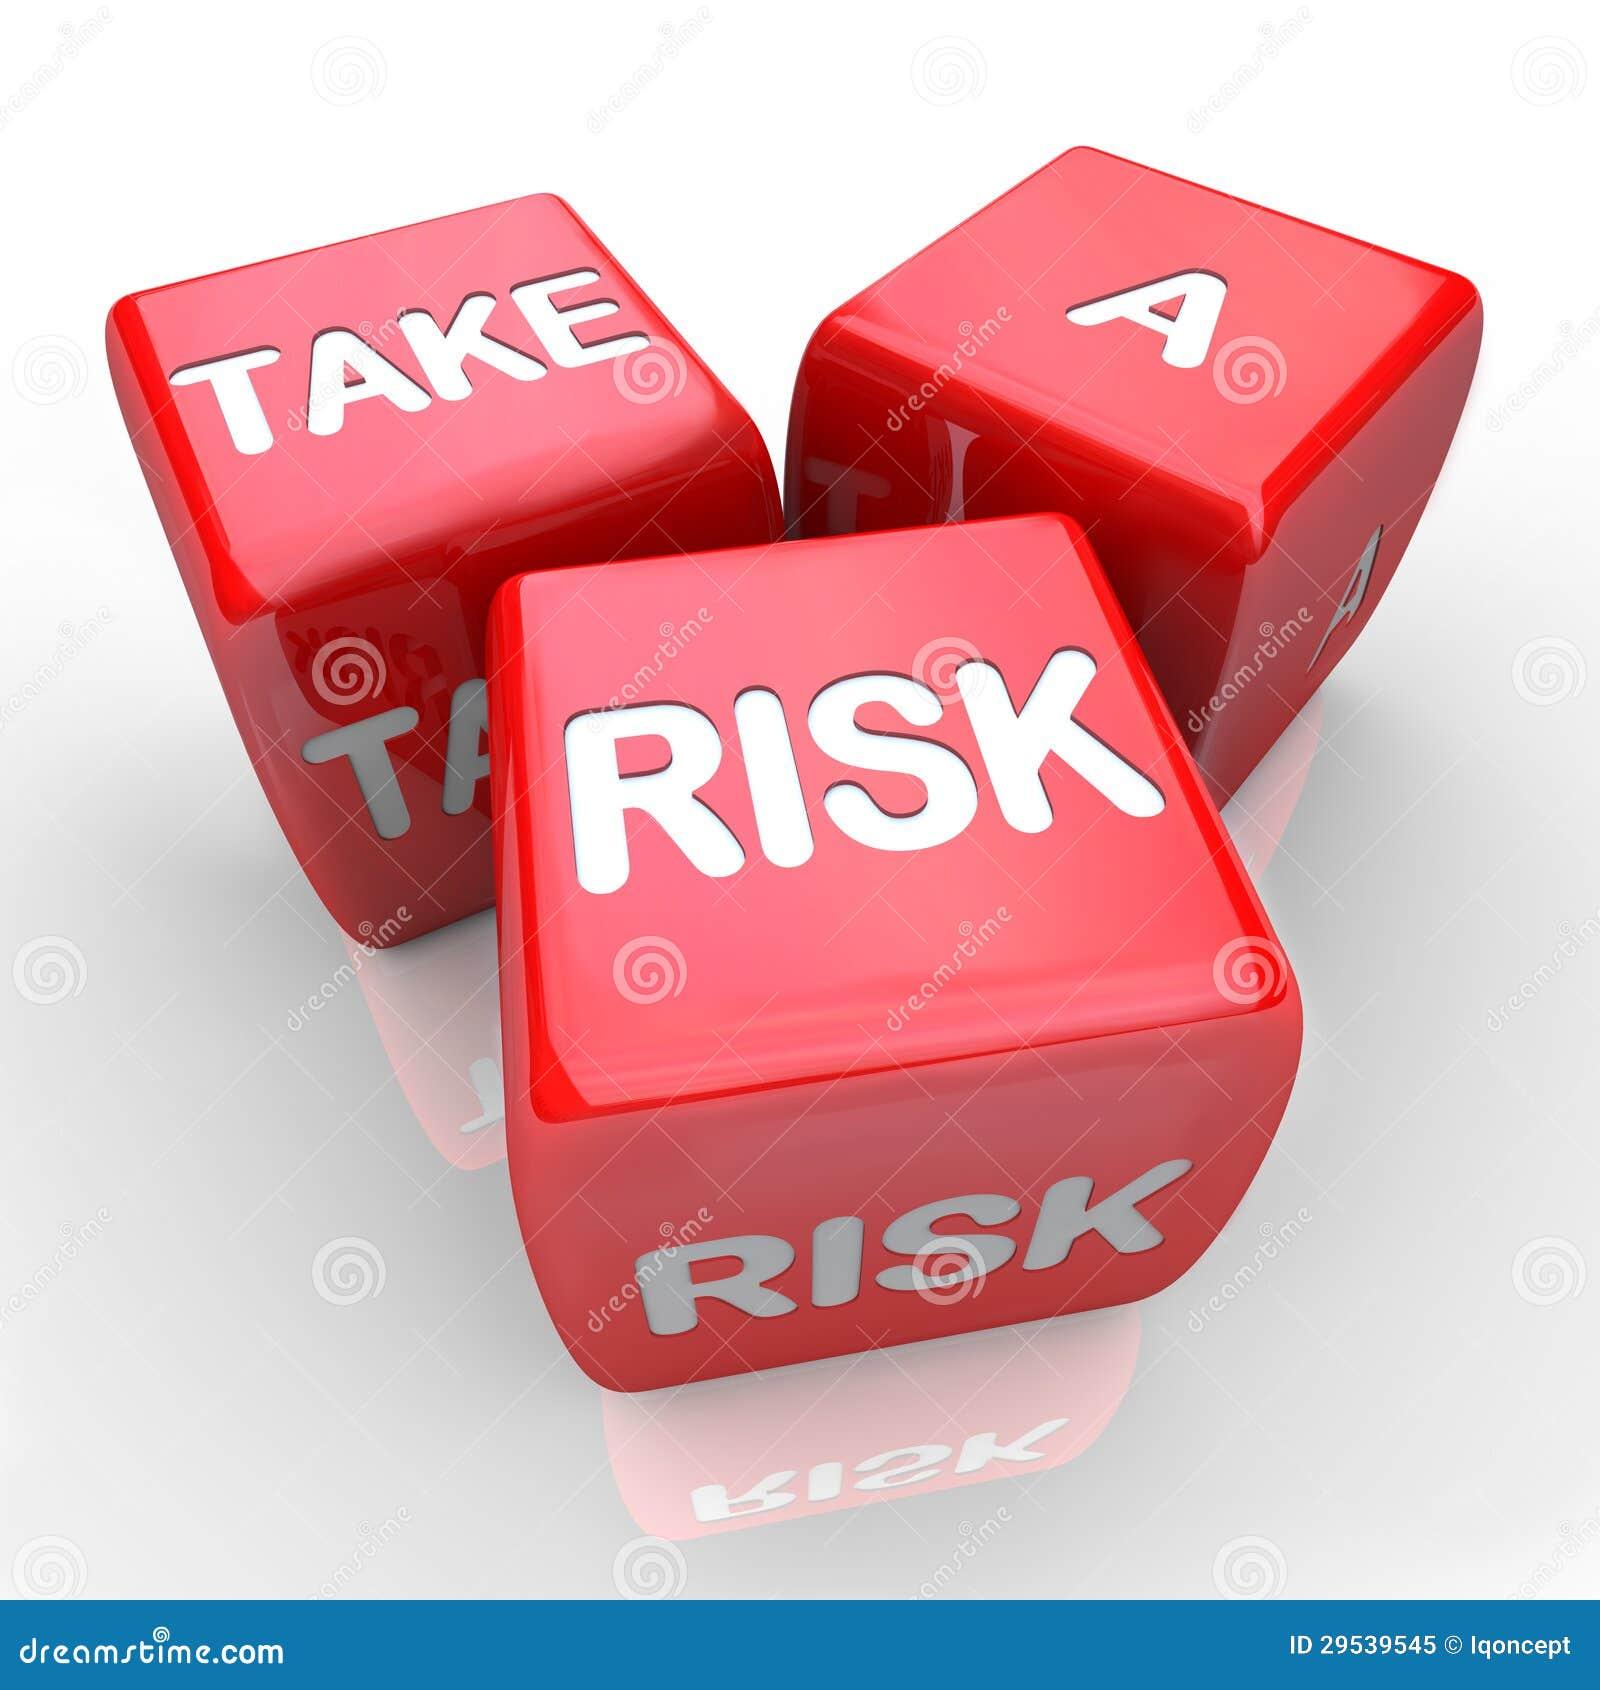 Tome um risco - role os dados